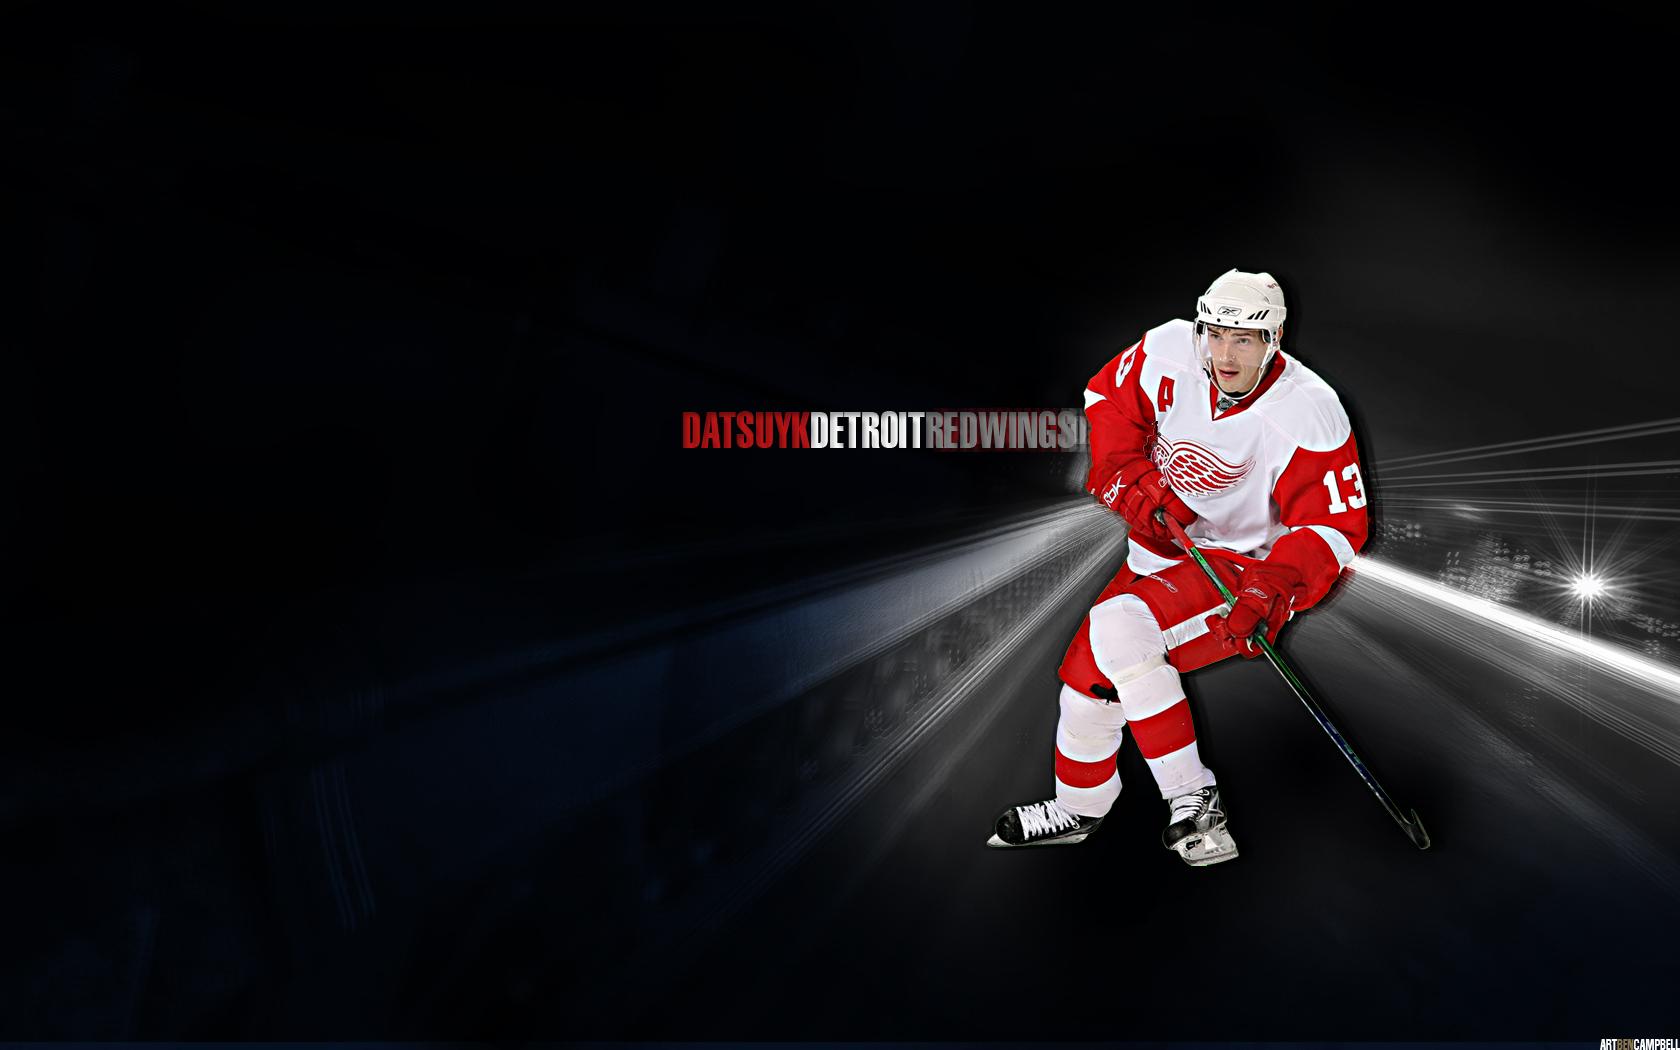 Detroit Red Wings Wallpaper hd Detroit Red Wings Wallpaper 1680x1050